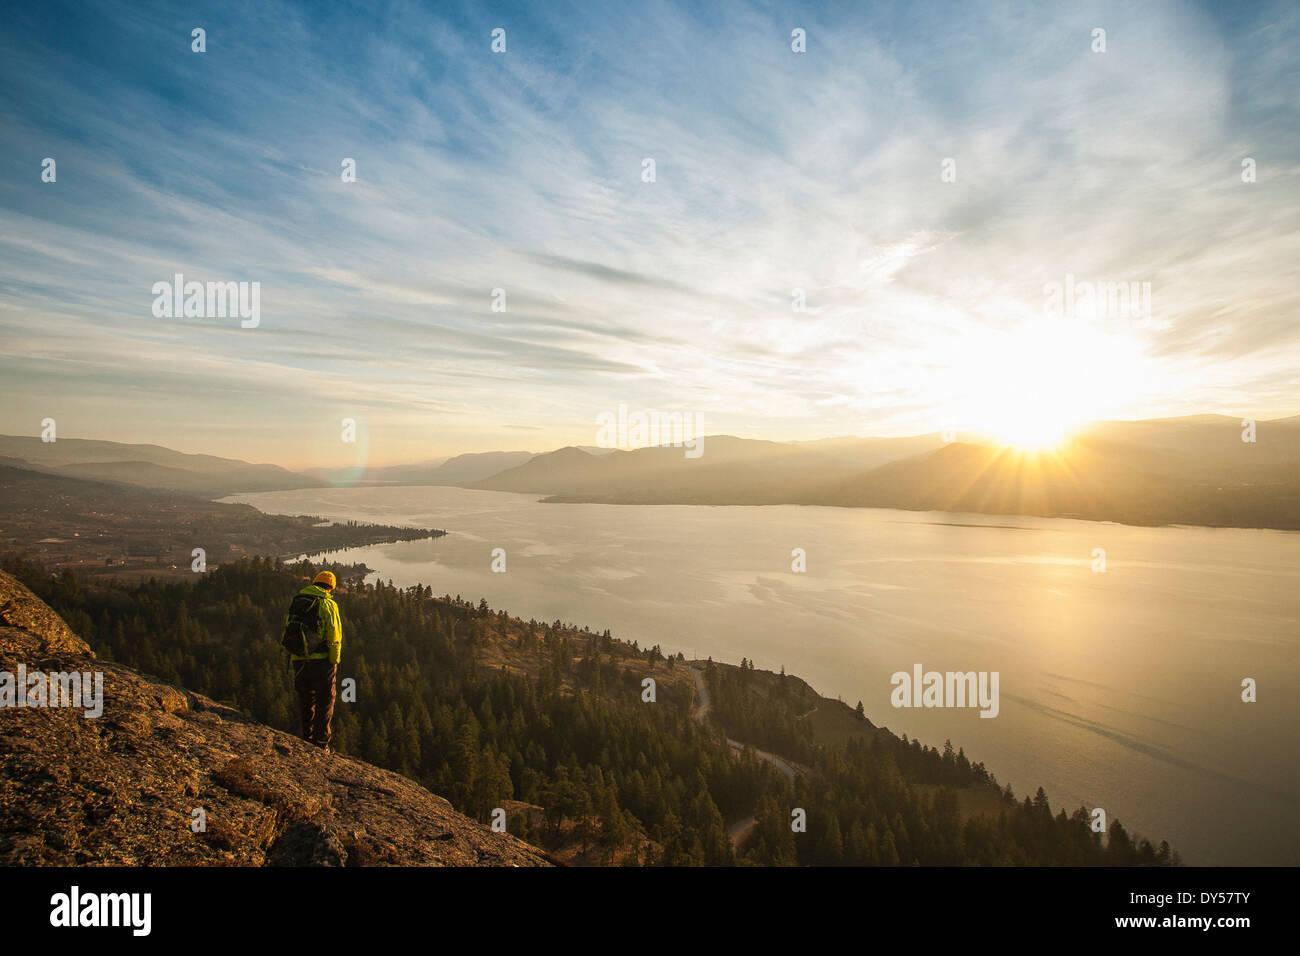 Excursionista macho viendo la puesta de sol sobre el Lago Okanagan, Naramata, British Columbia, Canadá Imagen De Stock